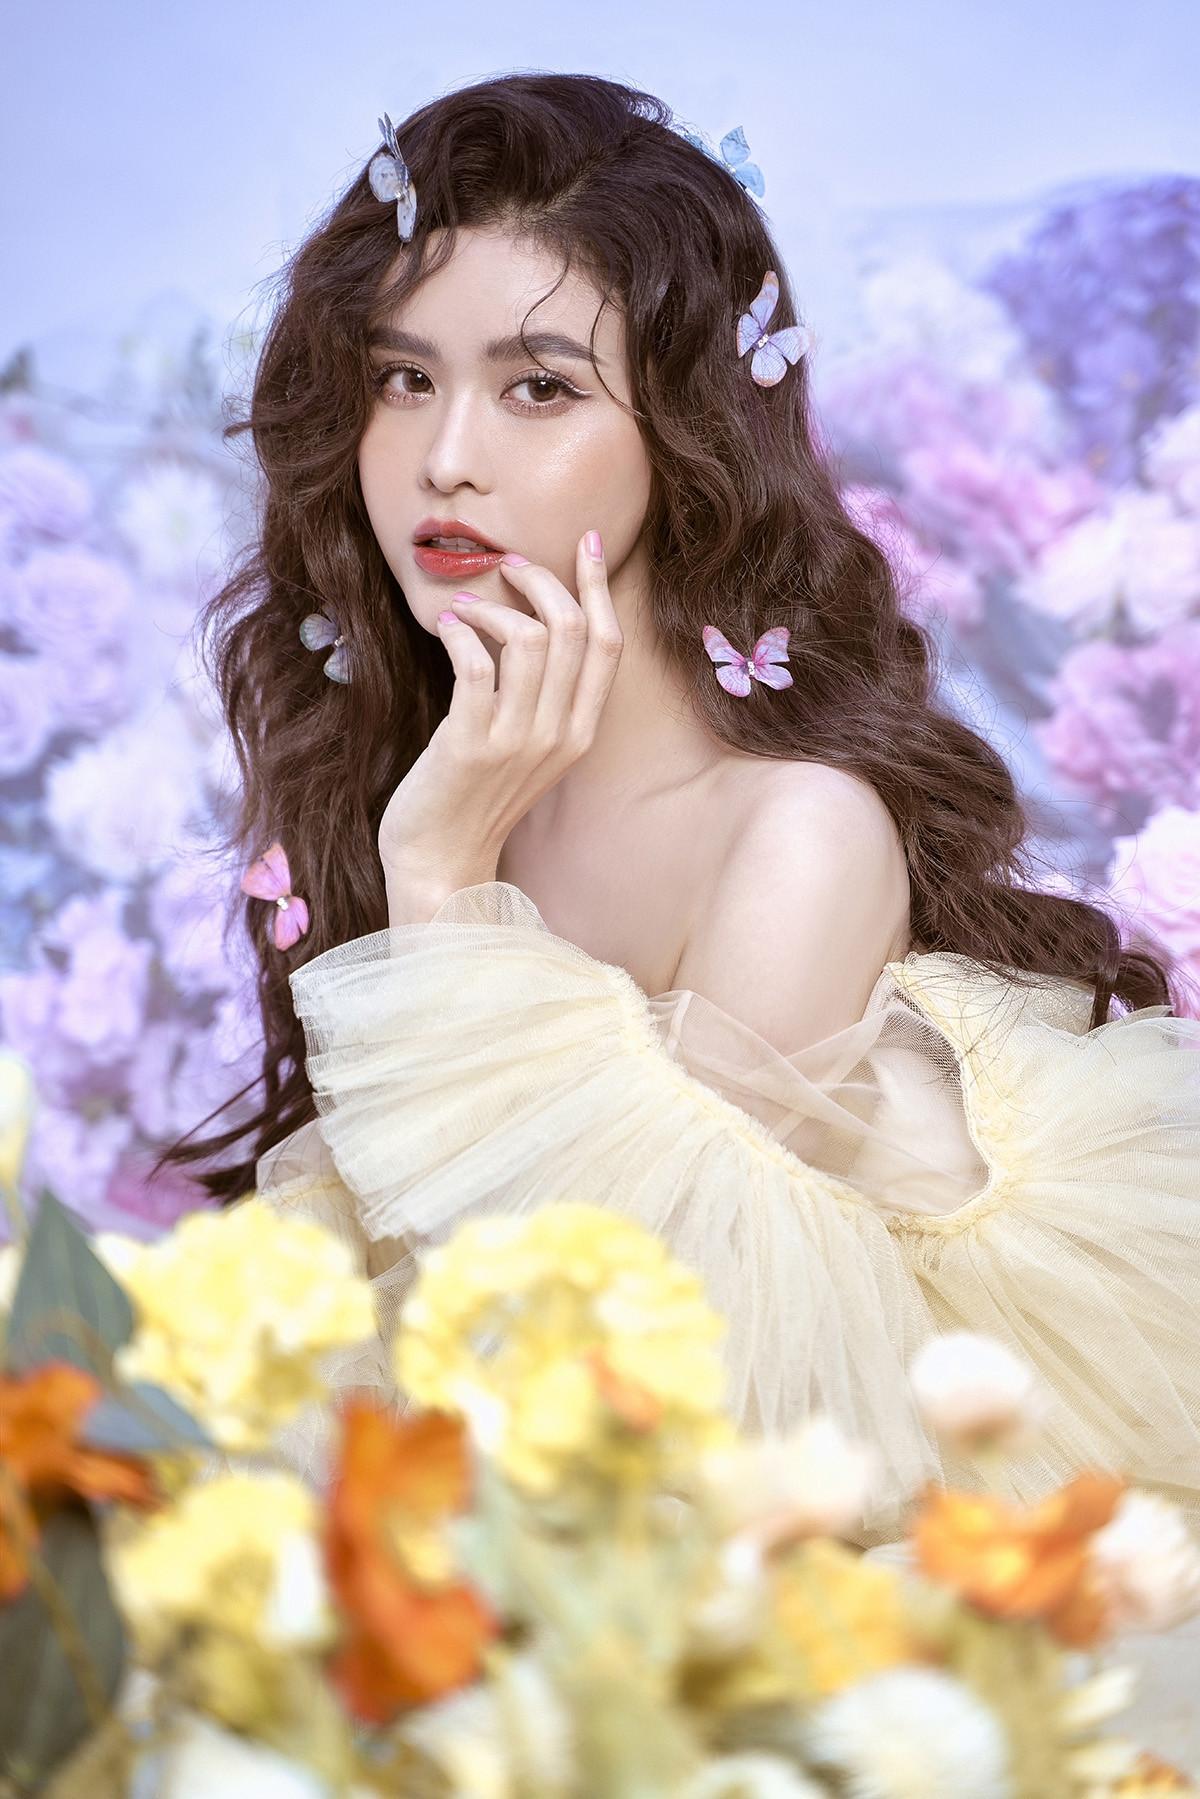 Trương Quỳnh Anh đẹp mong manh trong bộ ảnh mới-5